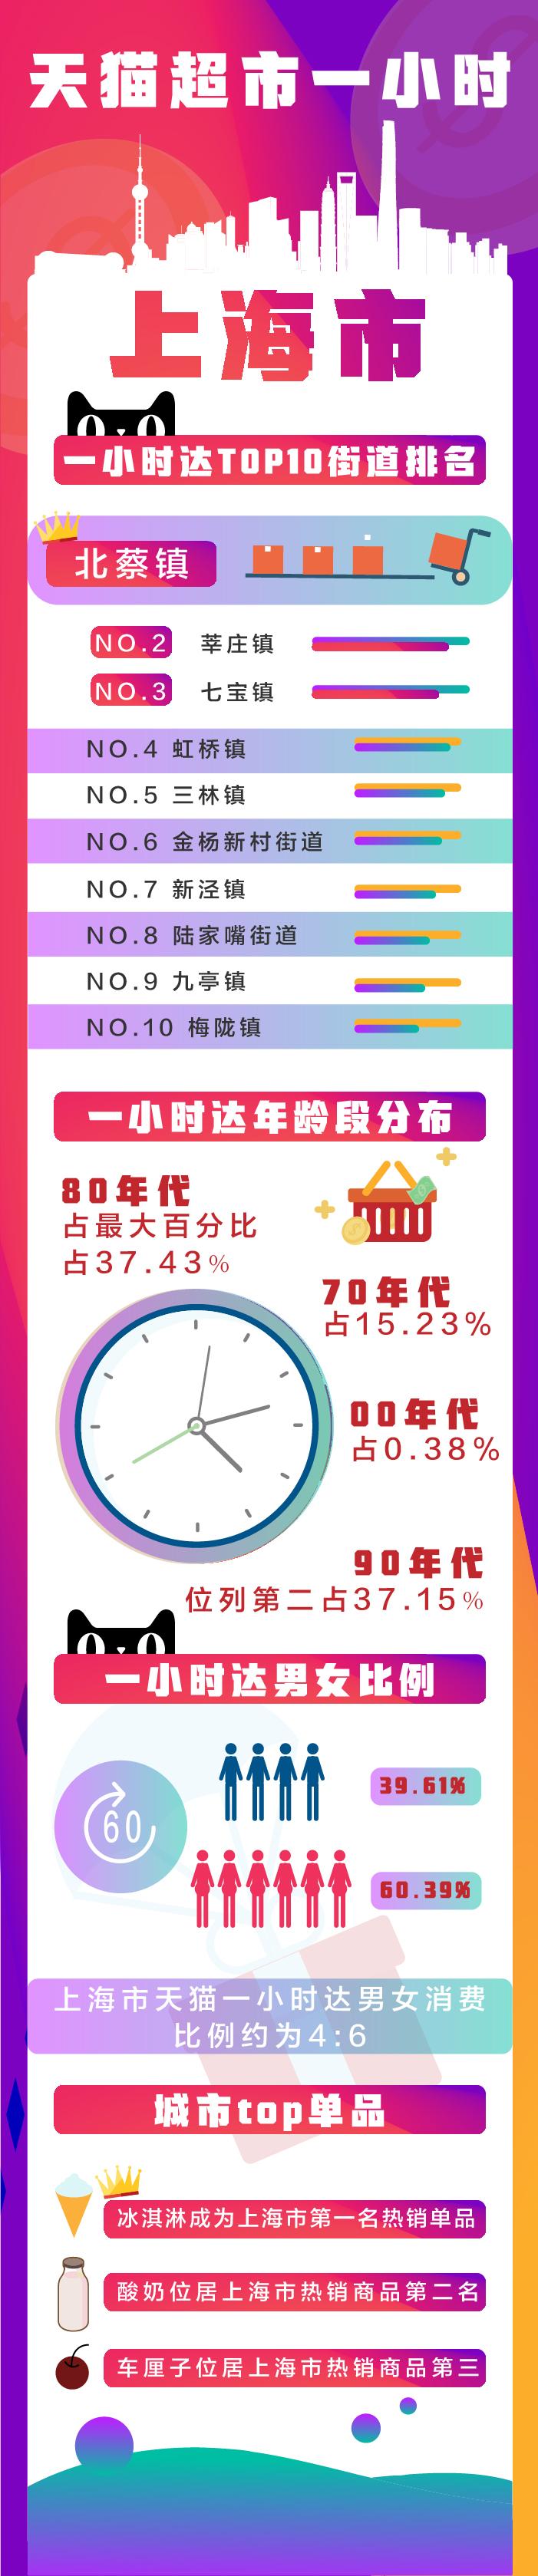 一小时达TOP10街道(上海)